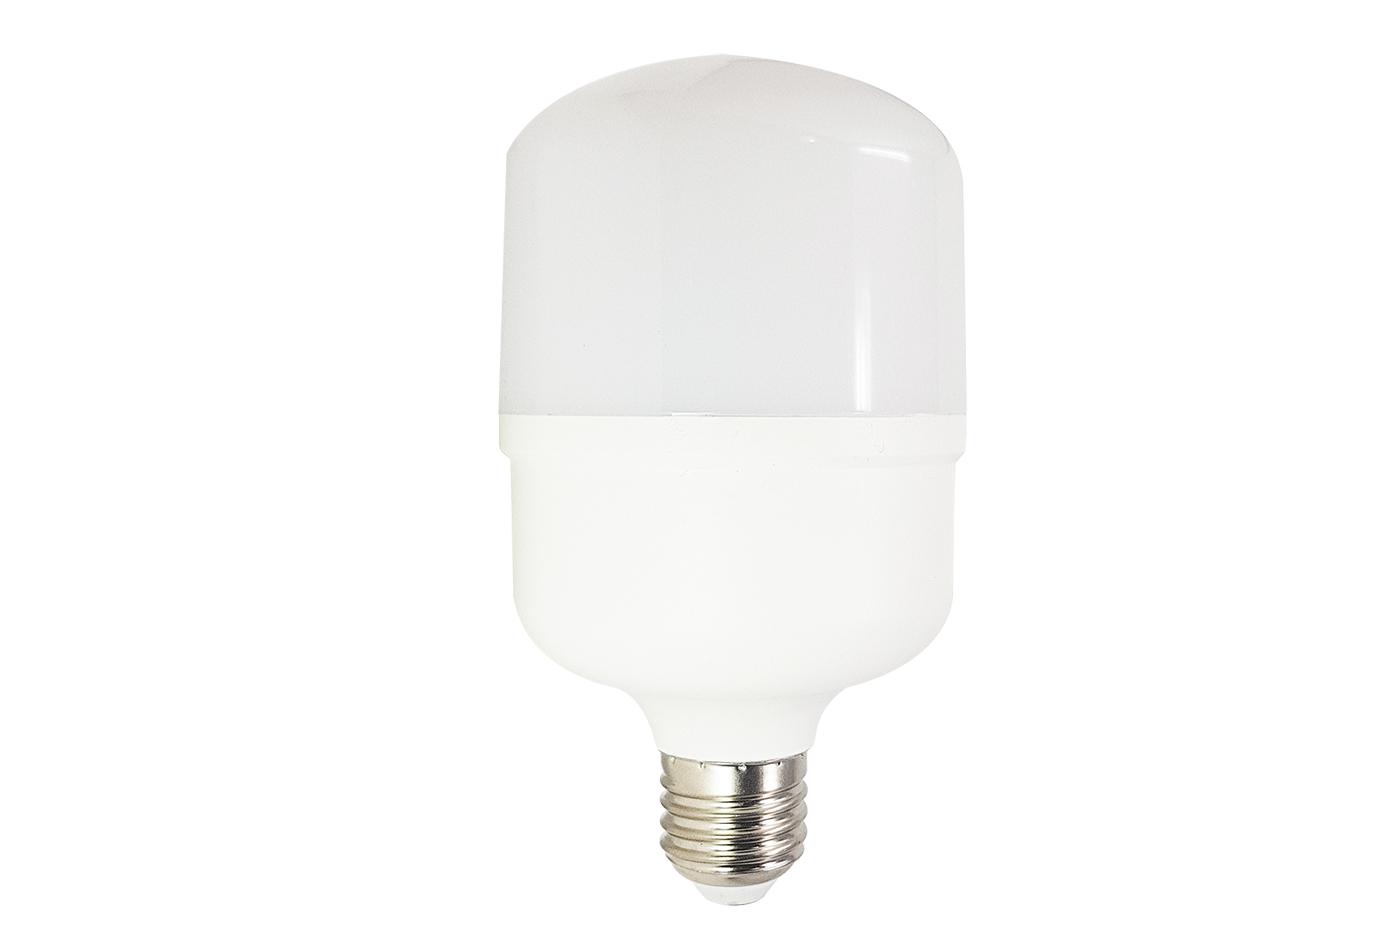 Lampada led 25 w watt luce fredda alta luminosita e27 for Lampadina lunga led